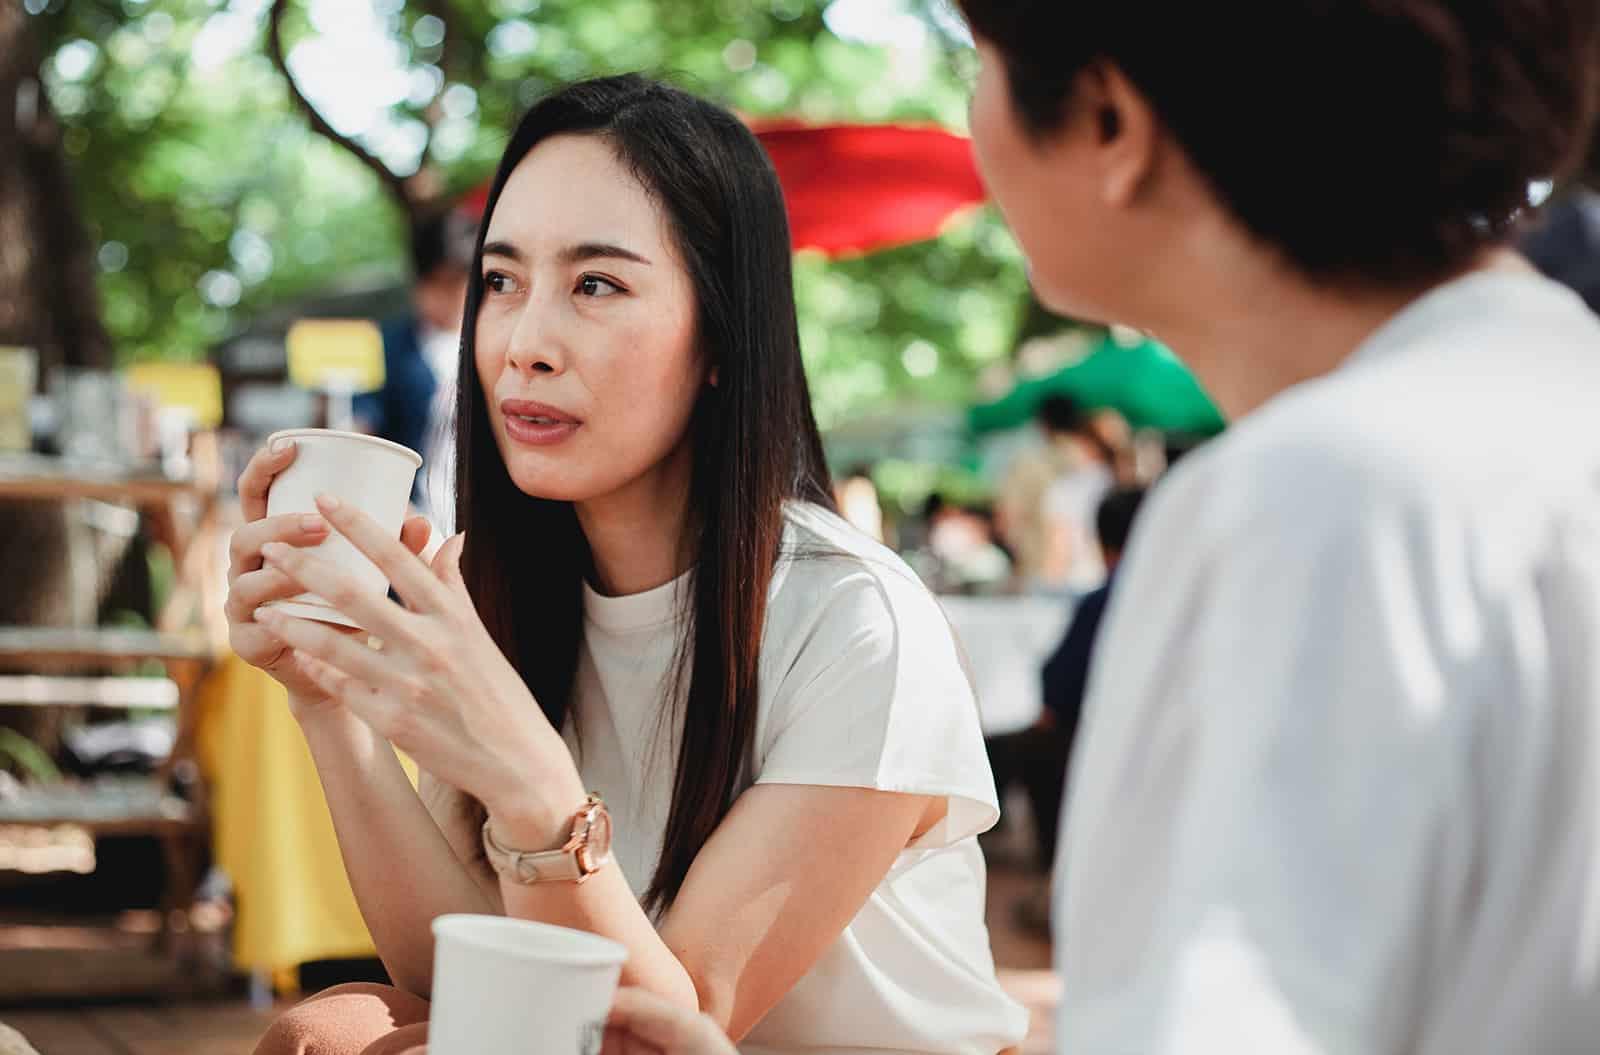 eine nachdenkliche Frau, die beiseite schaut, während sie mit einem Freund draußen im Café sitzt